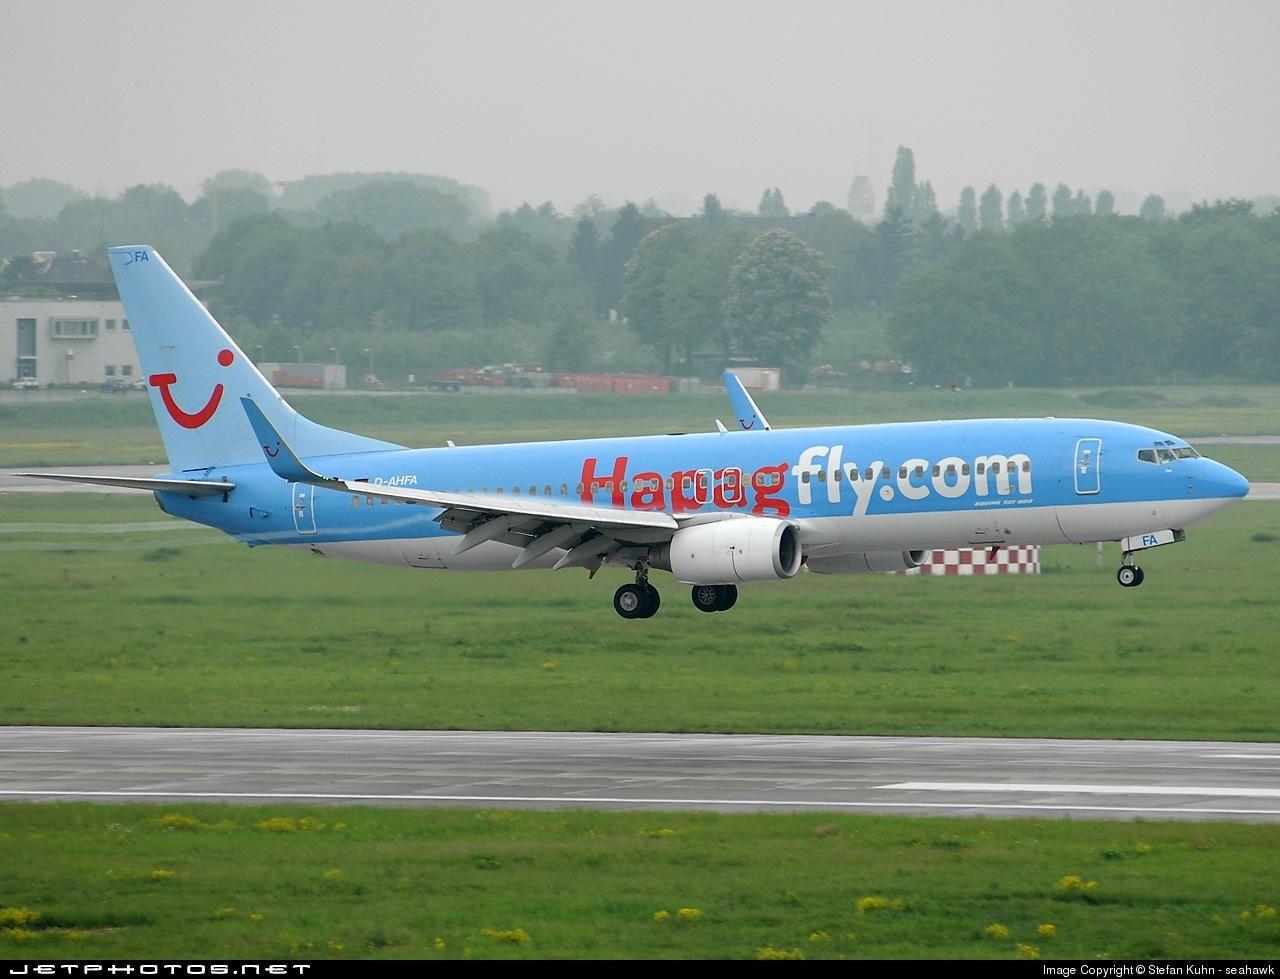 D-AHFA - Boeing 737-8K5 - Hapagfly